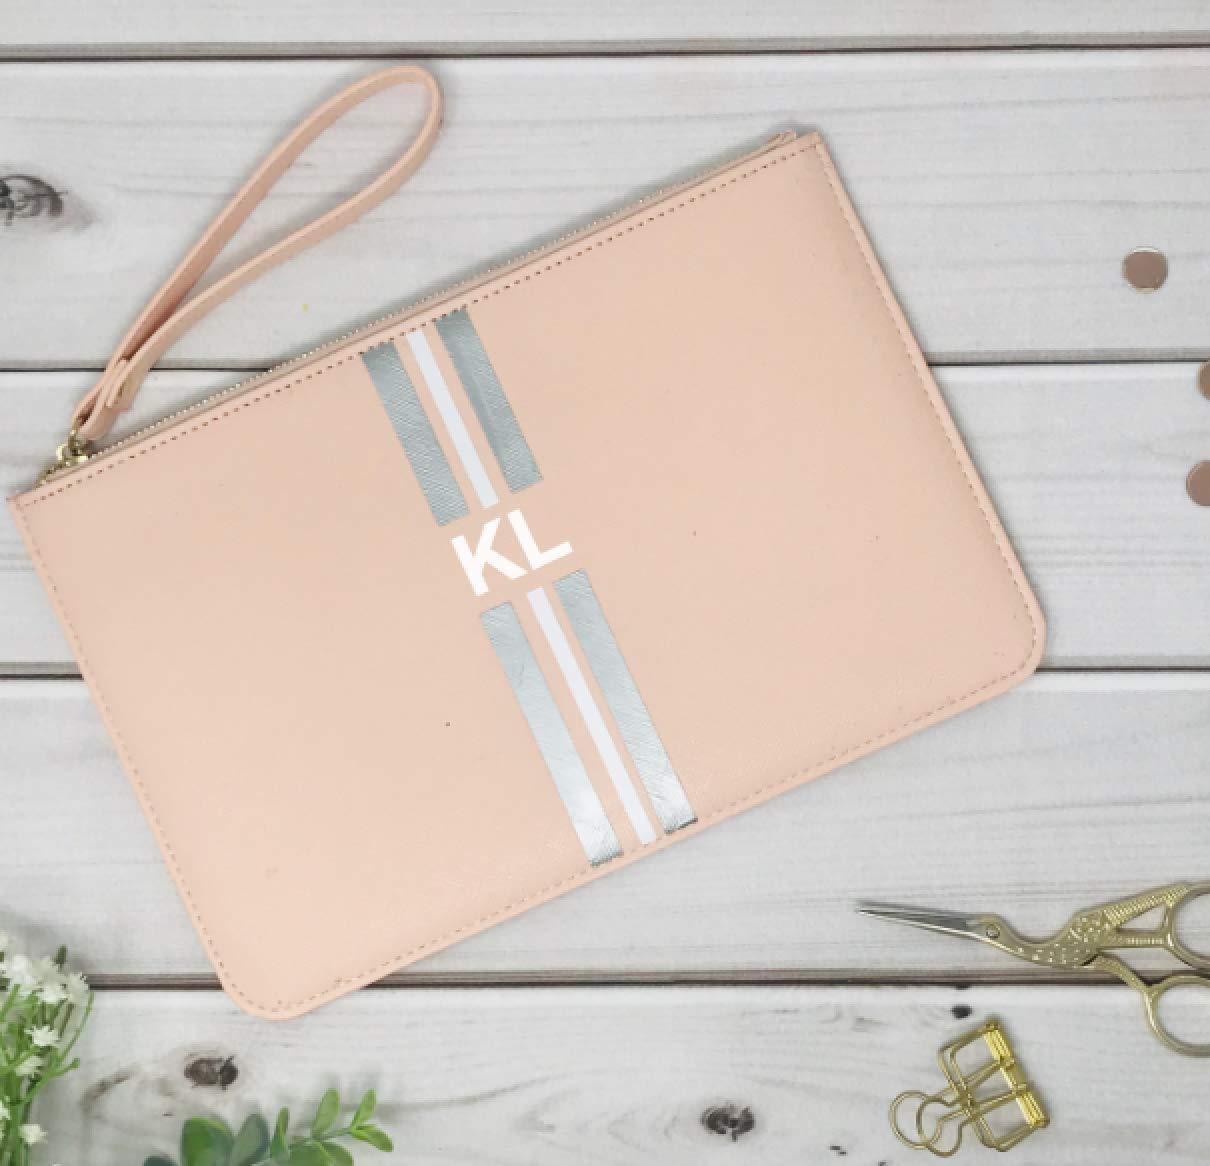 Geschenk Trauzeugin Brautjungfer beste Freundin personalisierte Tasche Clutch rosa mit Streifen und Initialen